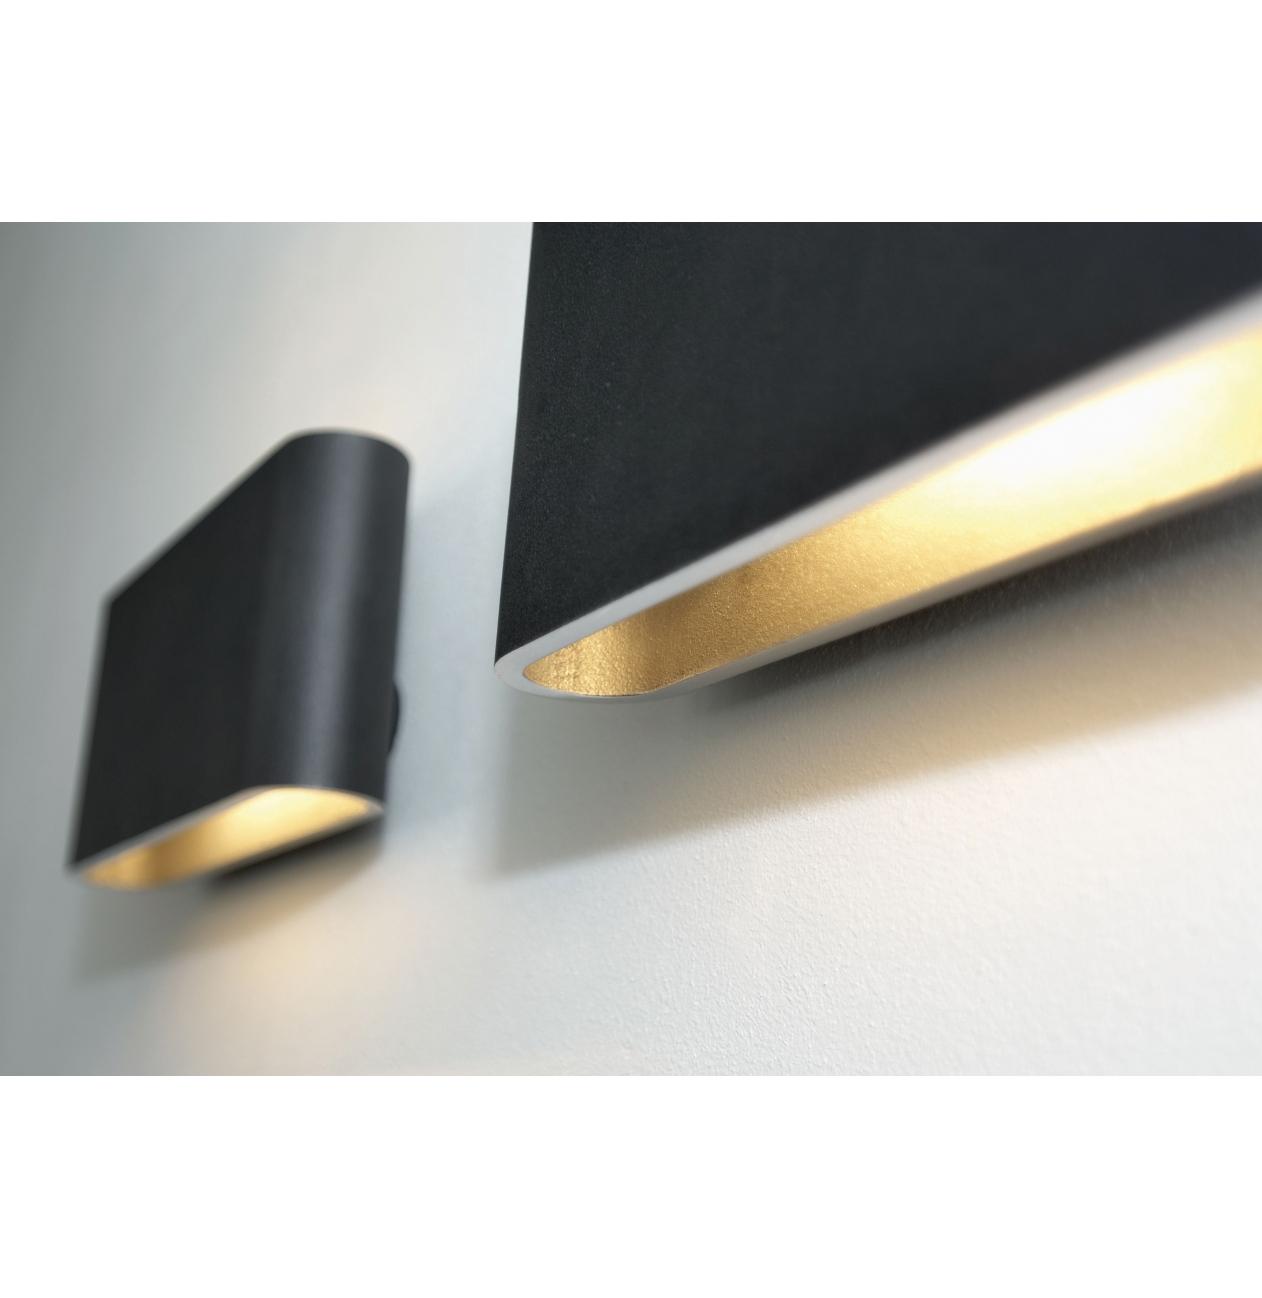 jacco maris   wandlamp solo versteeg lichtstudio